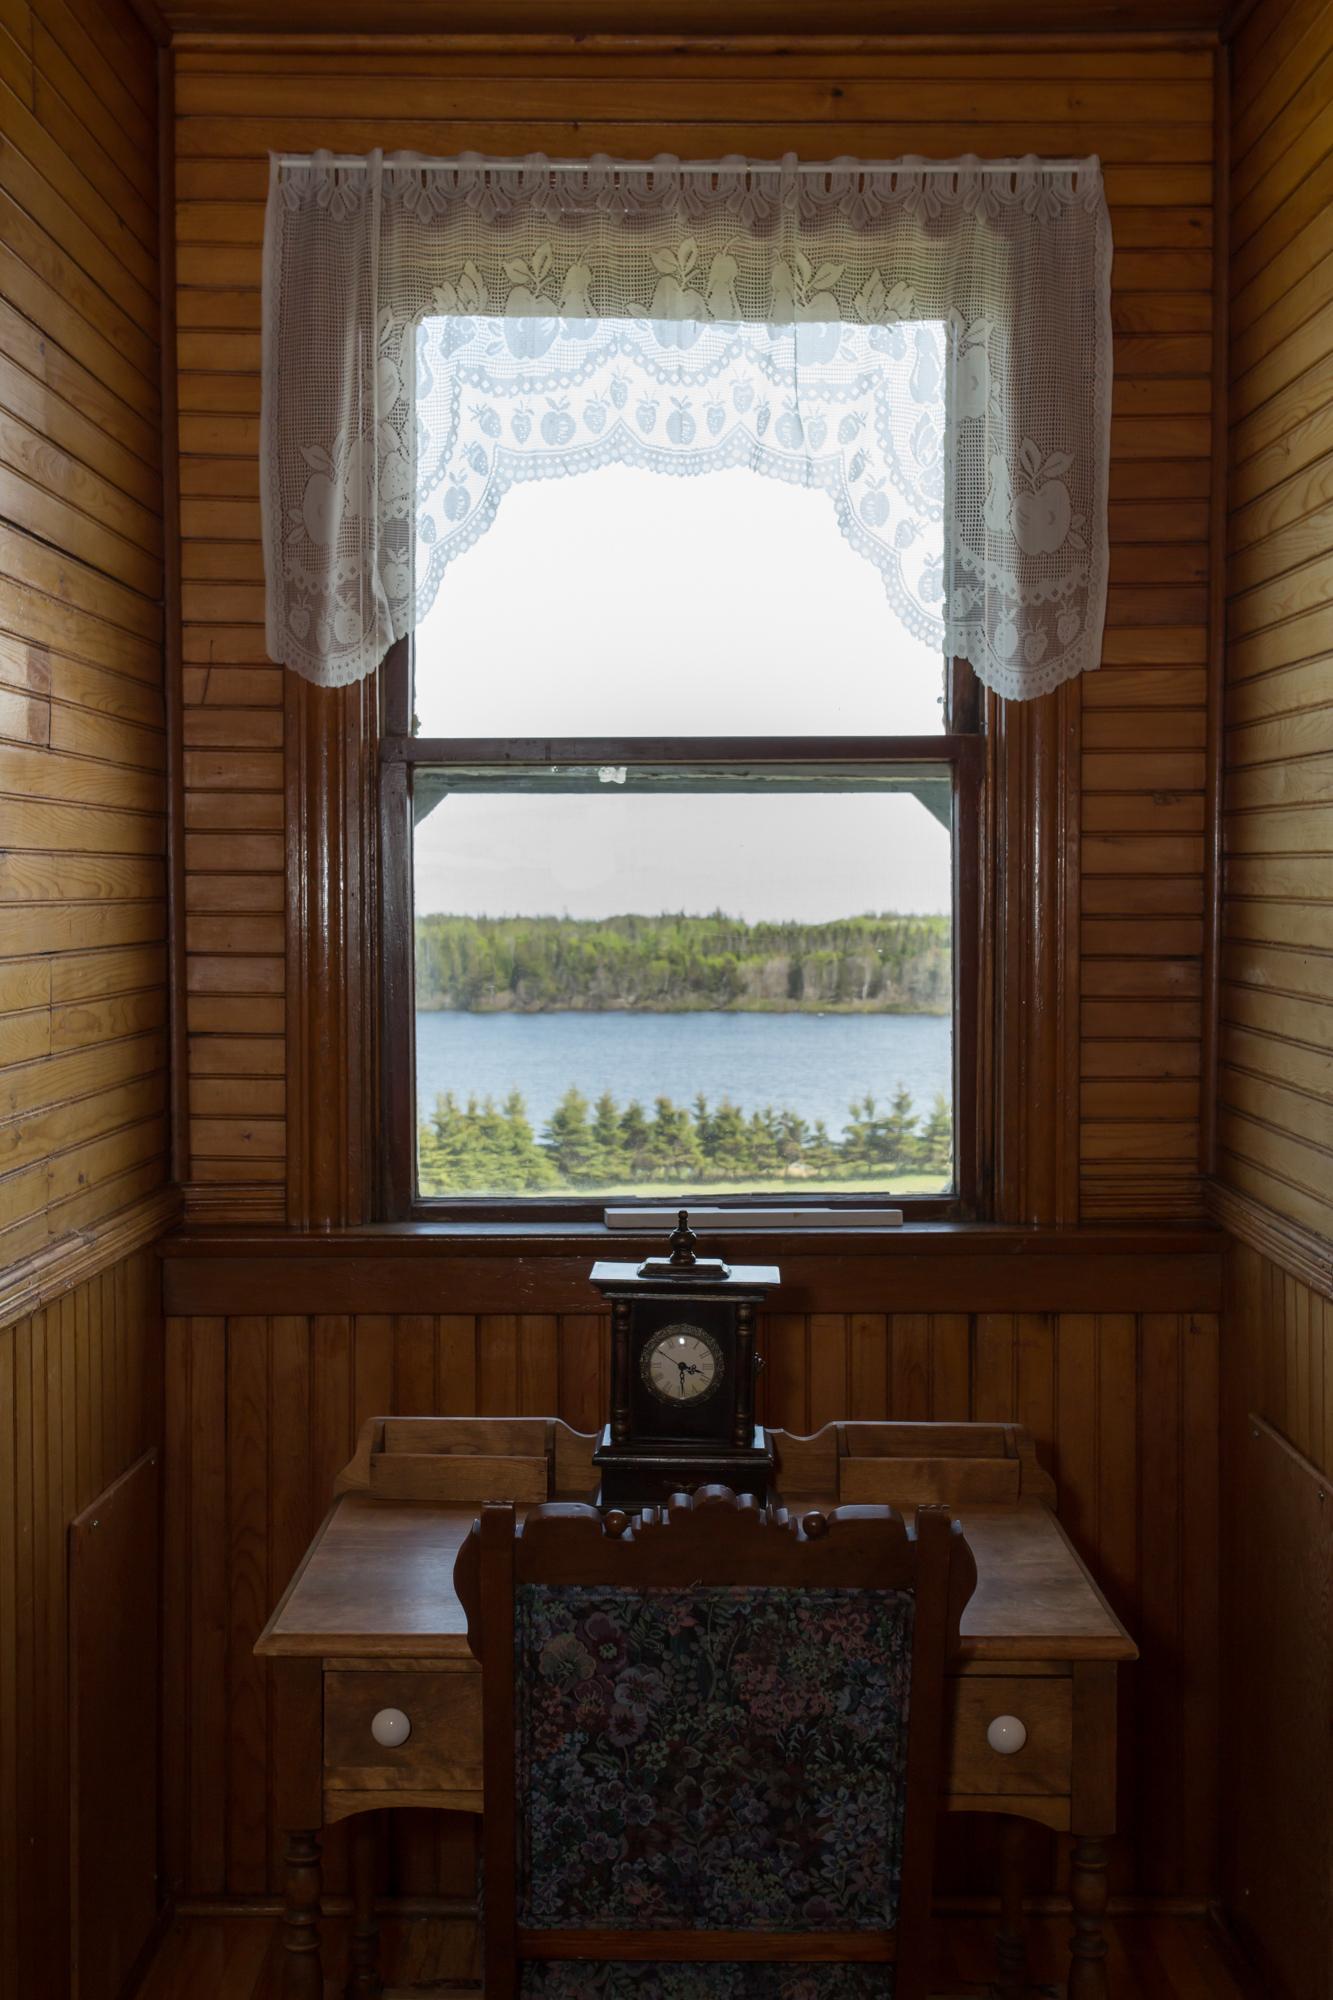 歴史ある島だからこそ泊まりたい!美しきヒストリカルホテル【大人の食欲と好奇心を満たす、カナダ/プリンス・エドワード島②】 _2_2-1